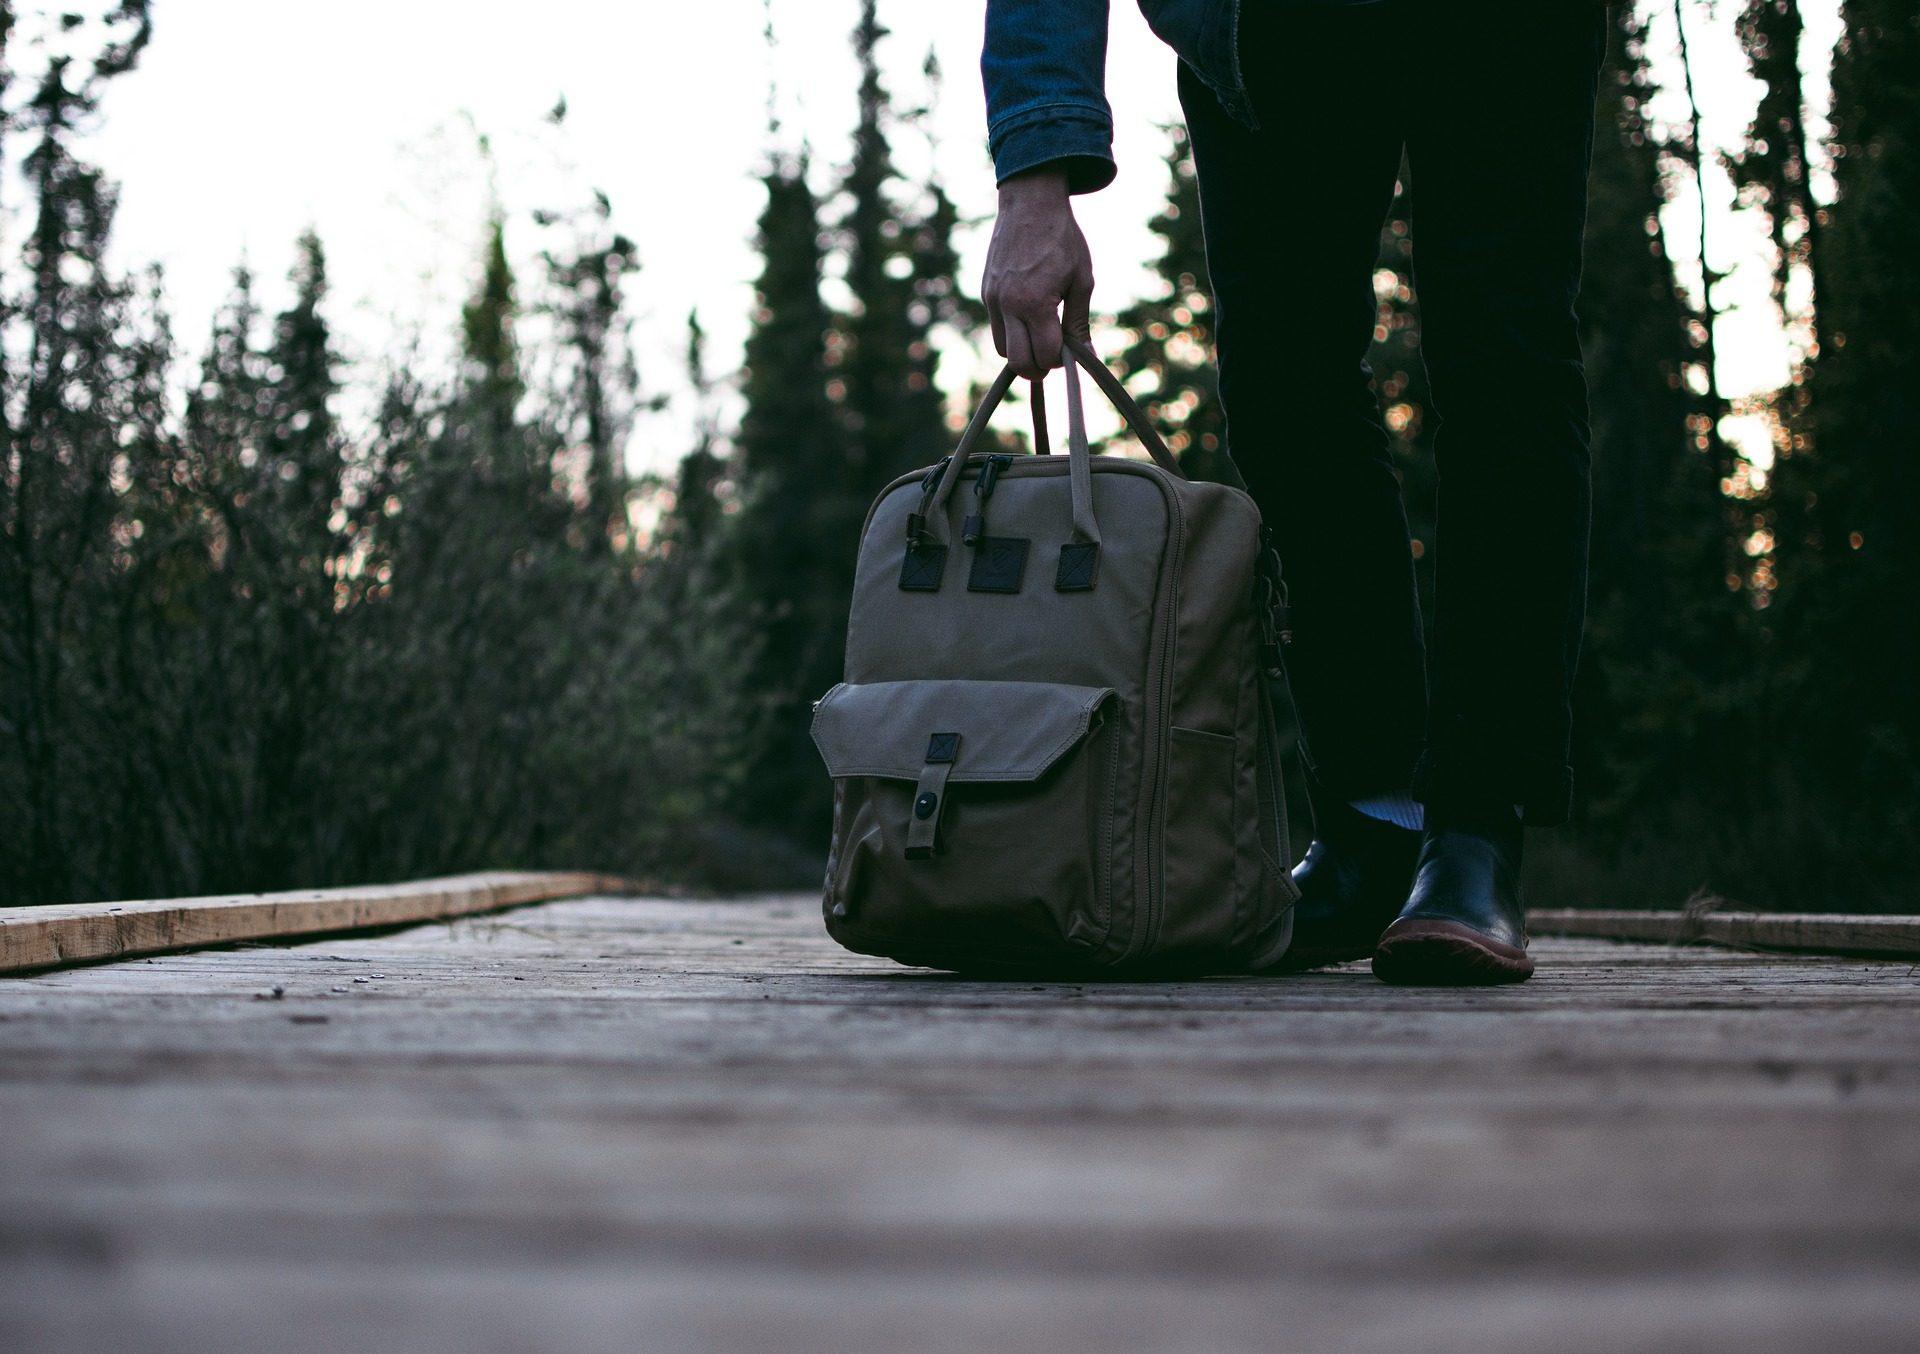 mochila, حقيبة, رجل, الأشجار, الطريق, درب - خلفيات عالية الدقة - أستاذ falken.com